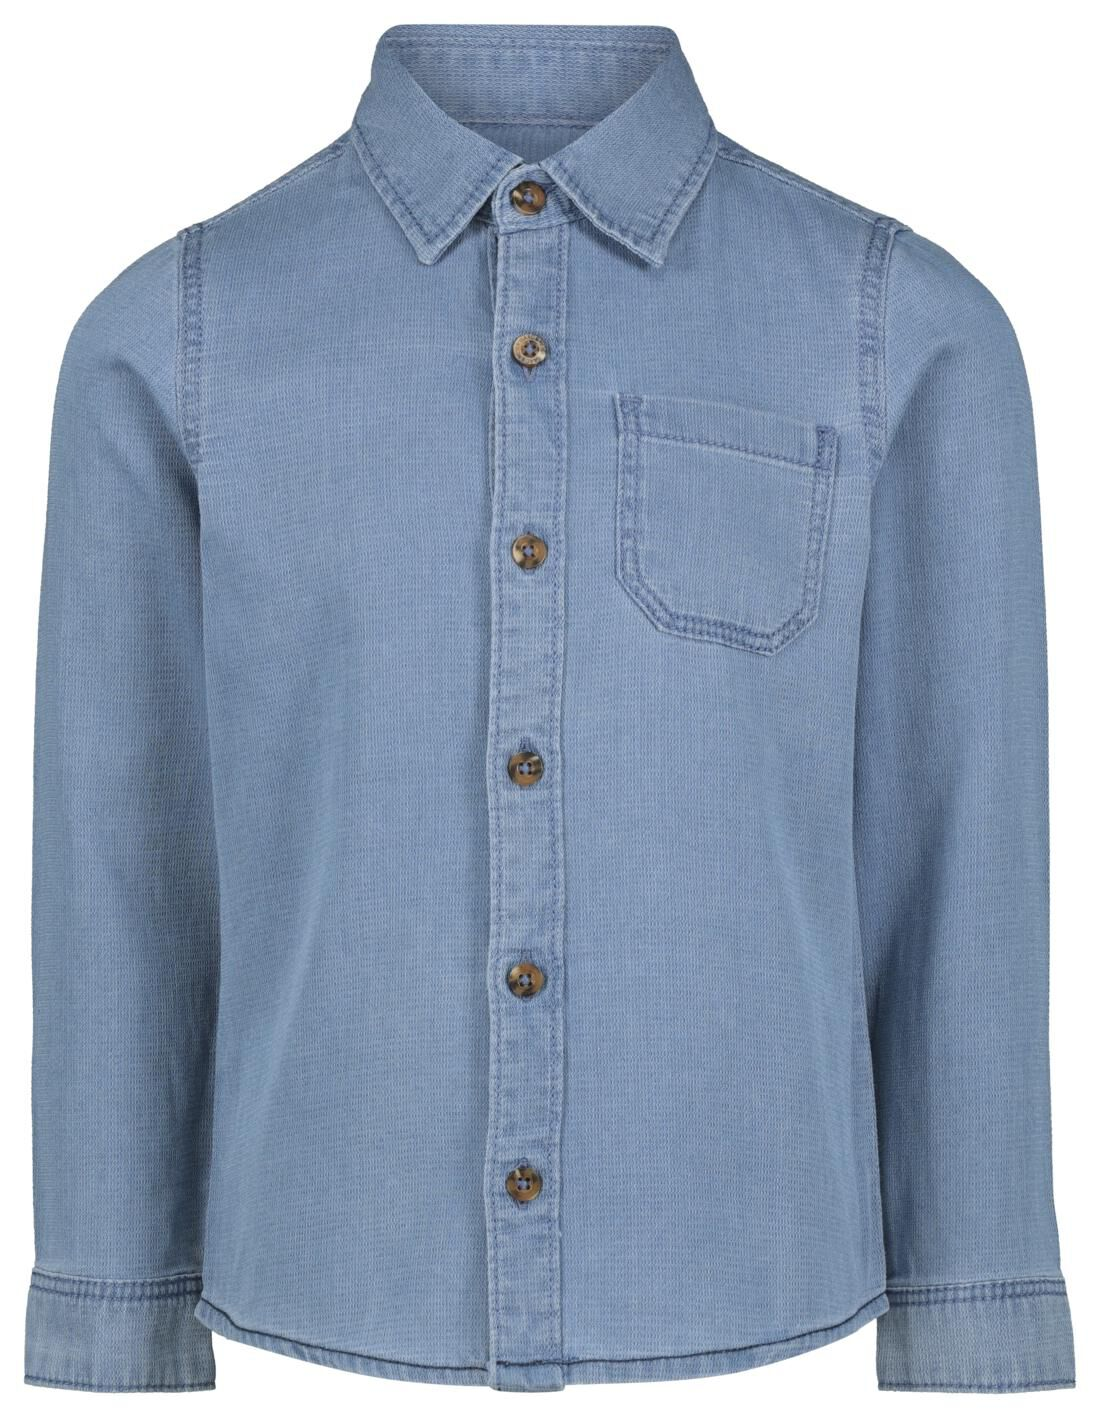 HEMA Kinderoverhemd Denim Lichtblauw (lichtblauw)